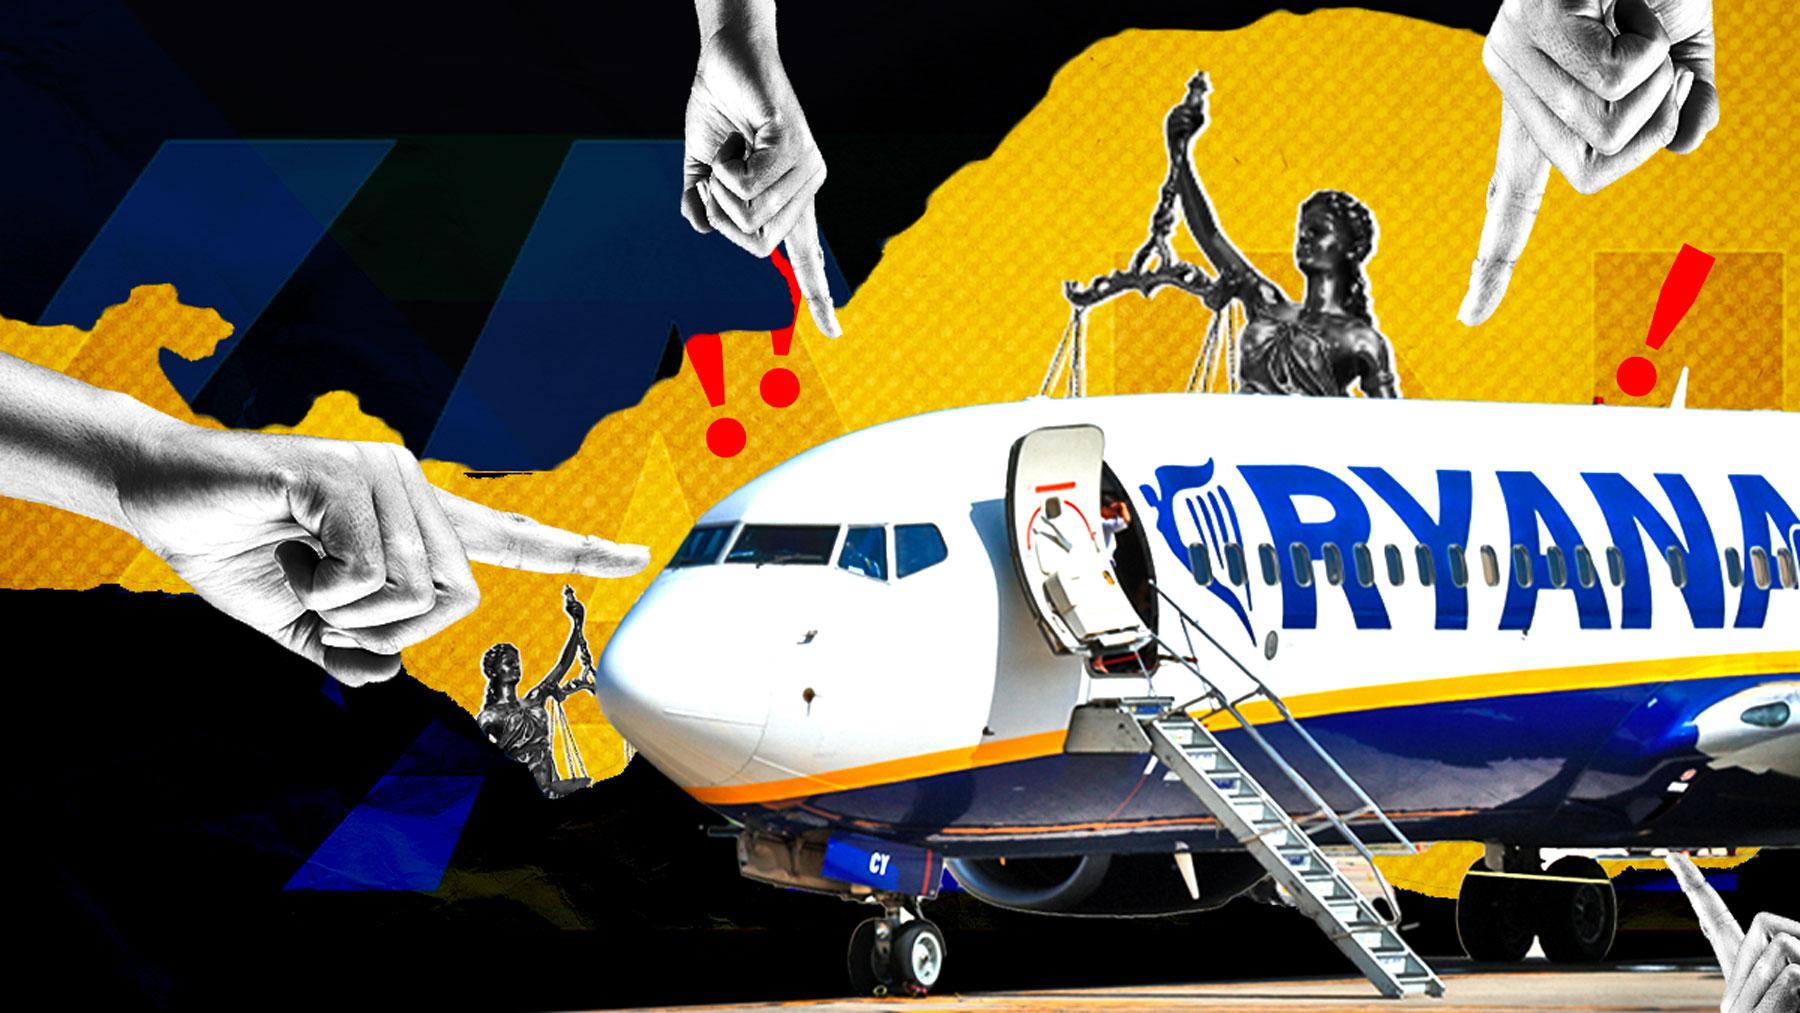 Las agencias estallan contra Ryanair